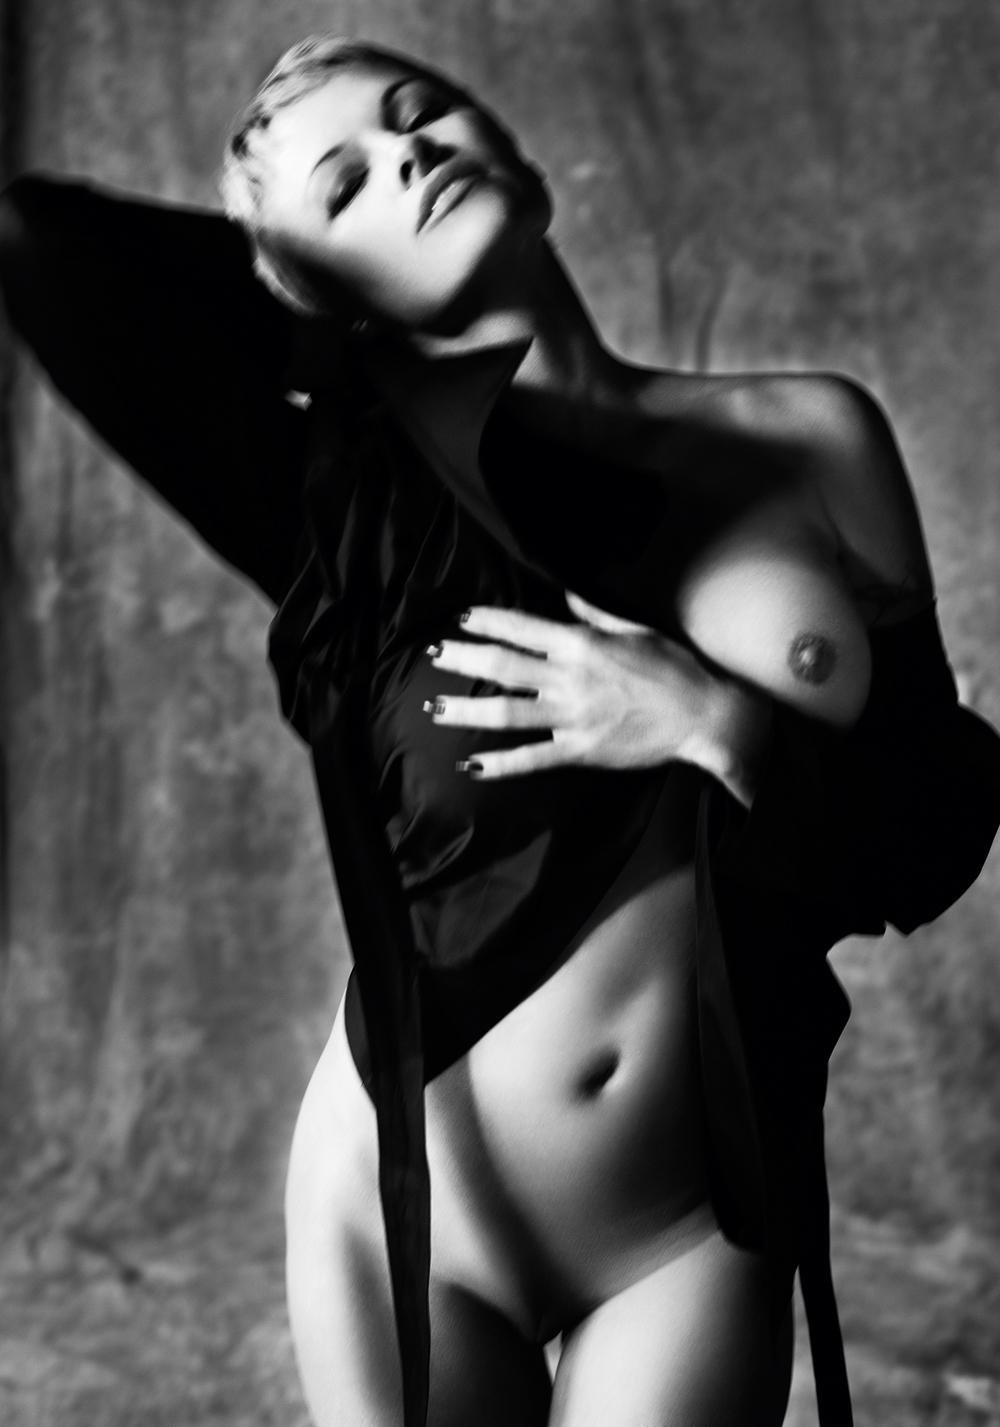 Isadora gonzalez desnuda xxx, famouse black porn stars